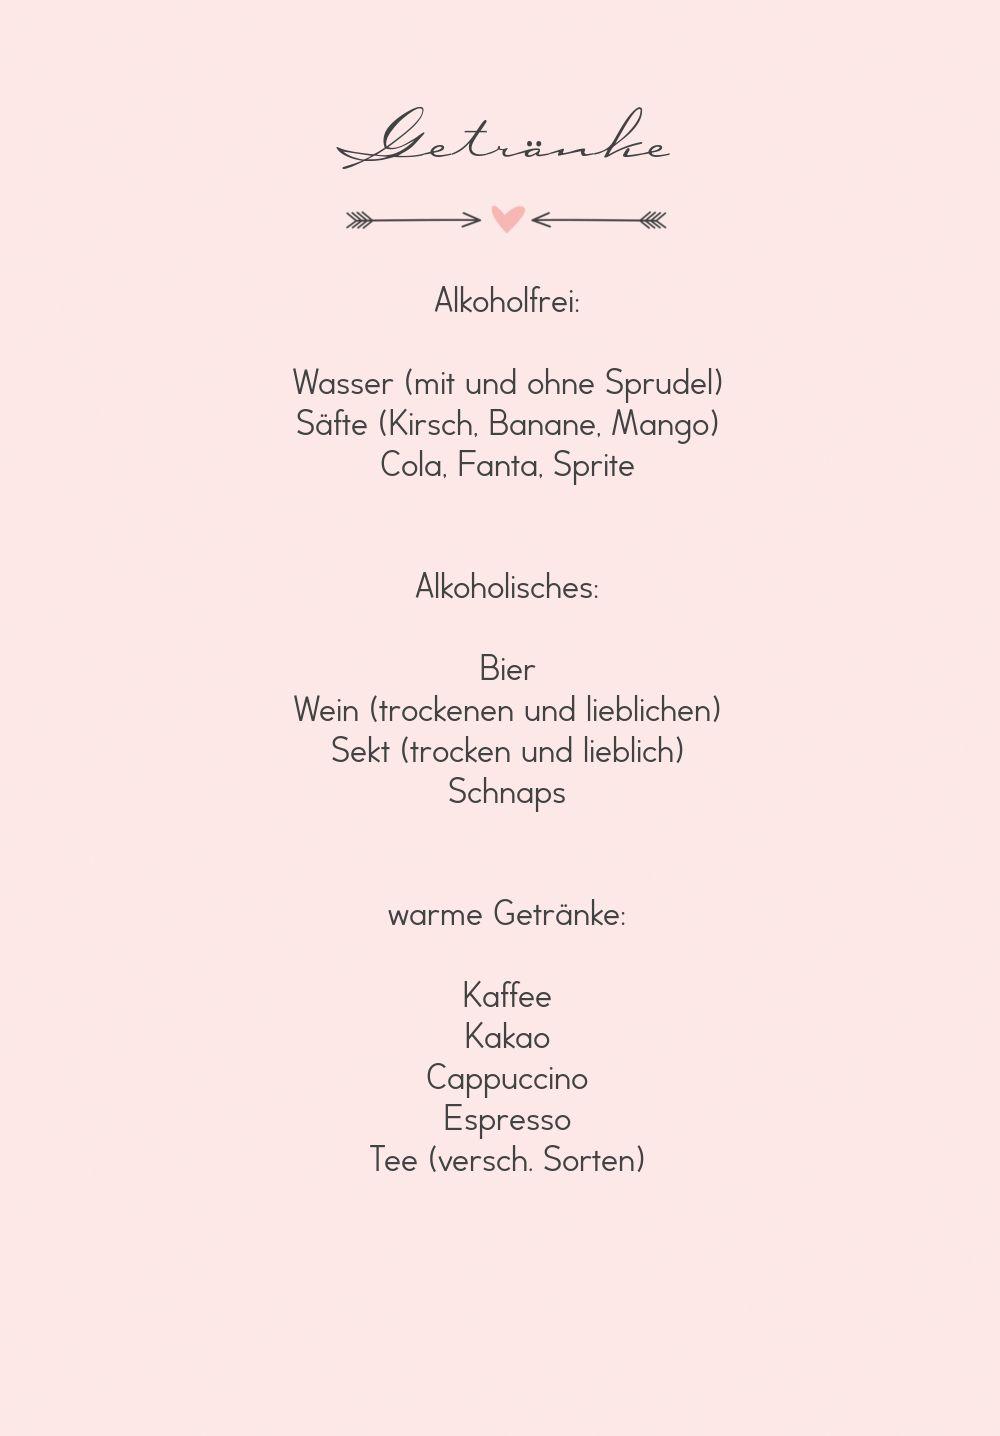 Ansicht 4 - Hochzeit Menükarte Pärchen - Frauen